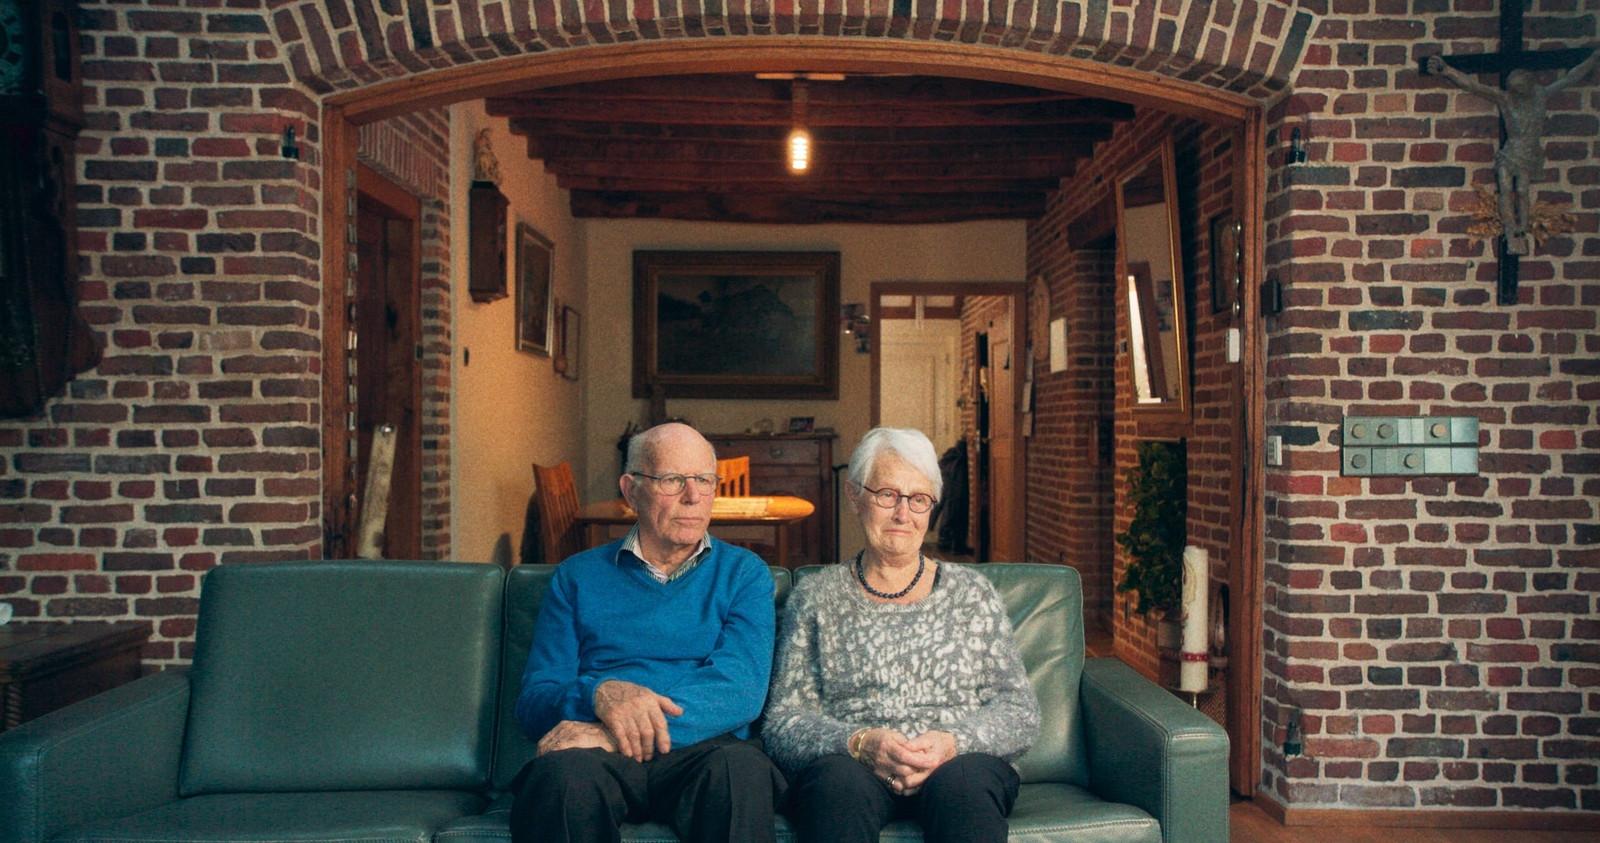 Jo (88) en Marijn (86) uit Knegsel, de opa en oma van filmmaakster Marieke Widlak